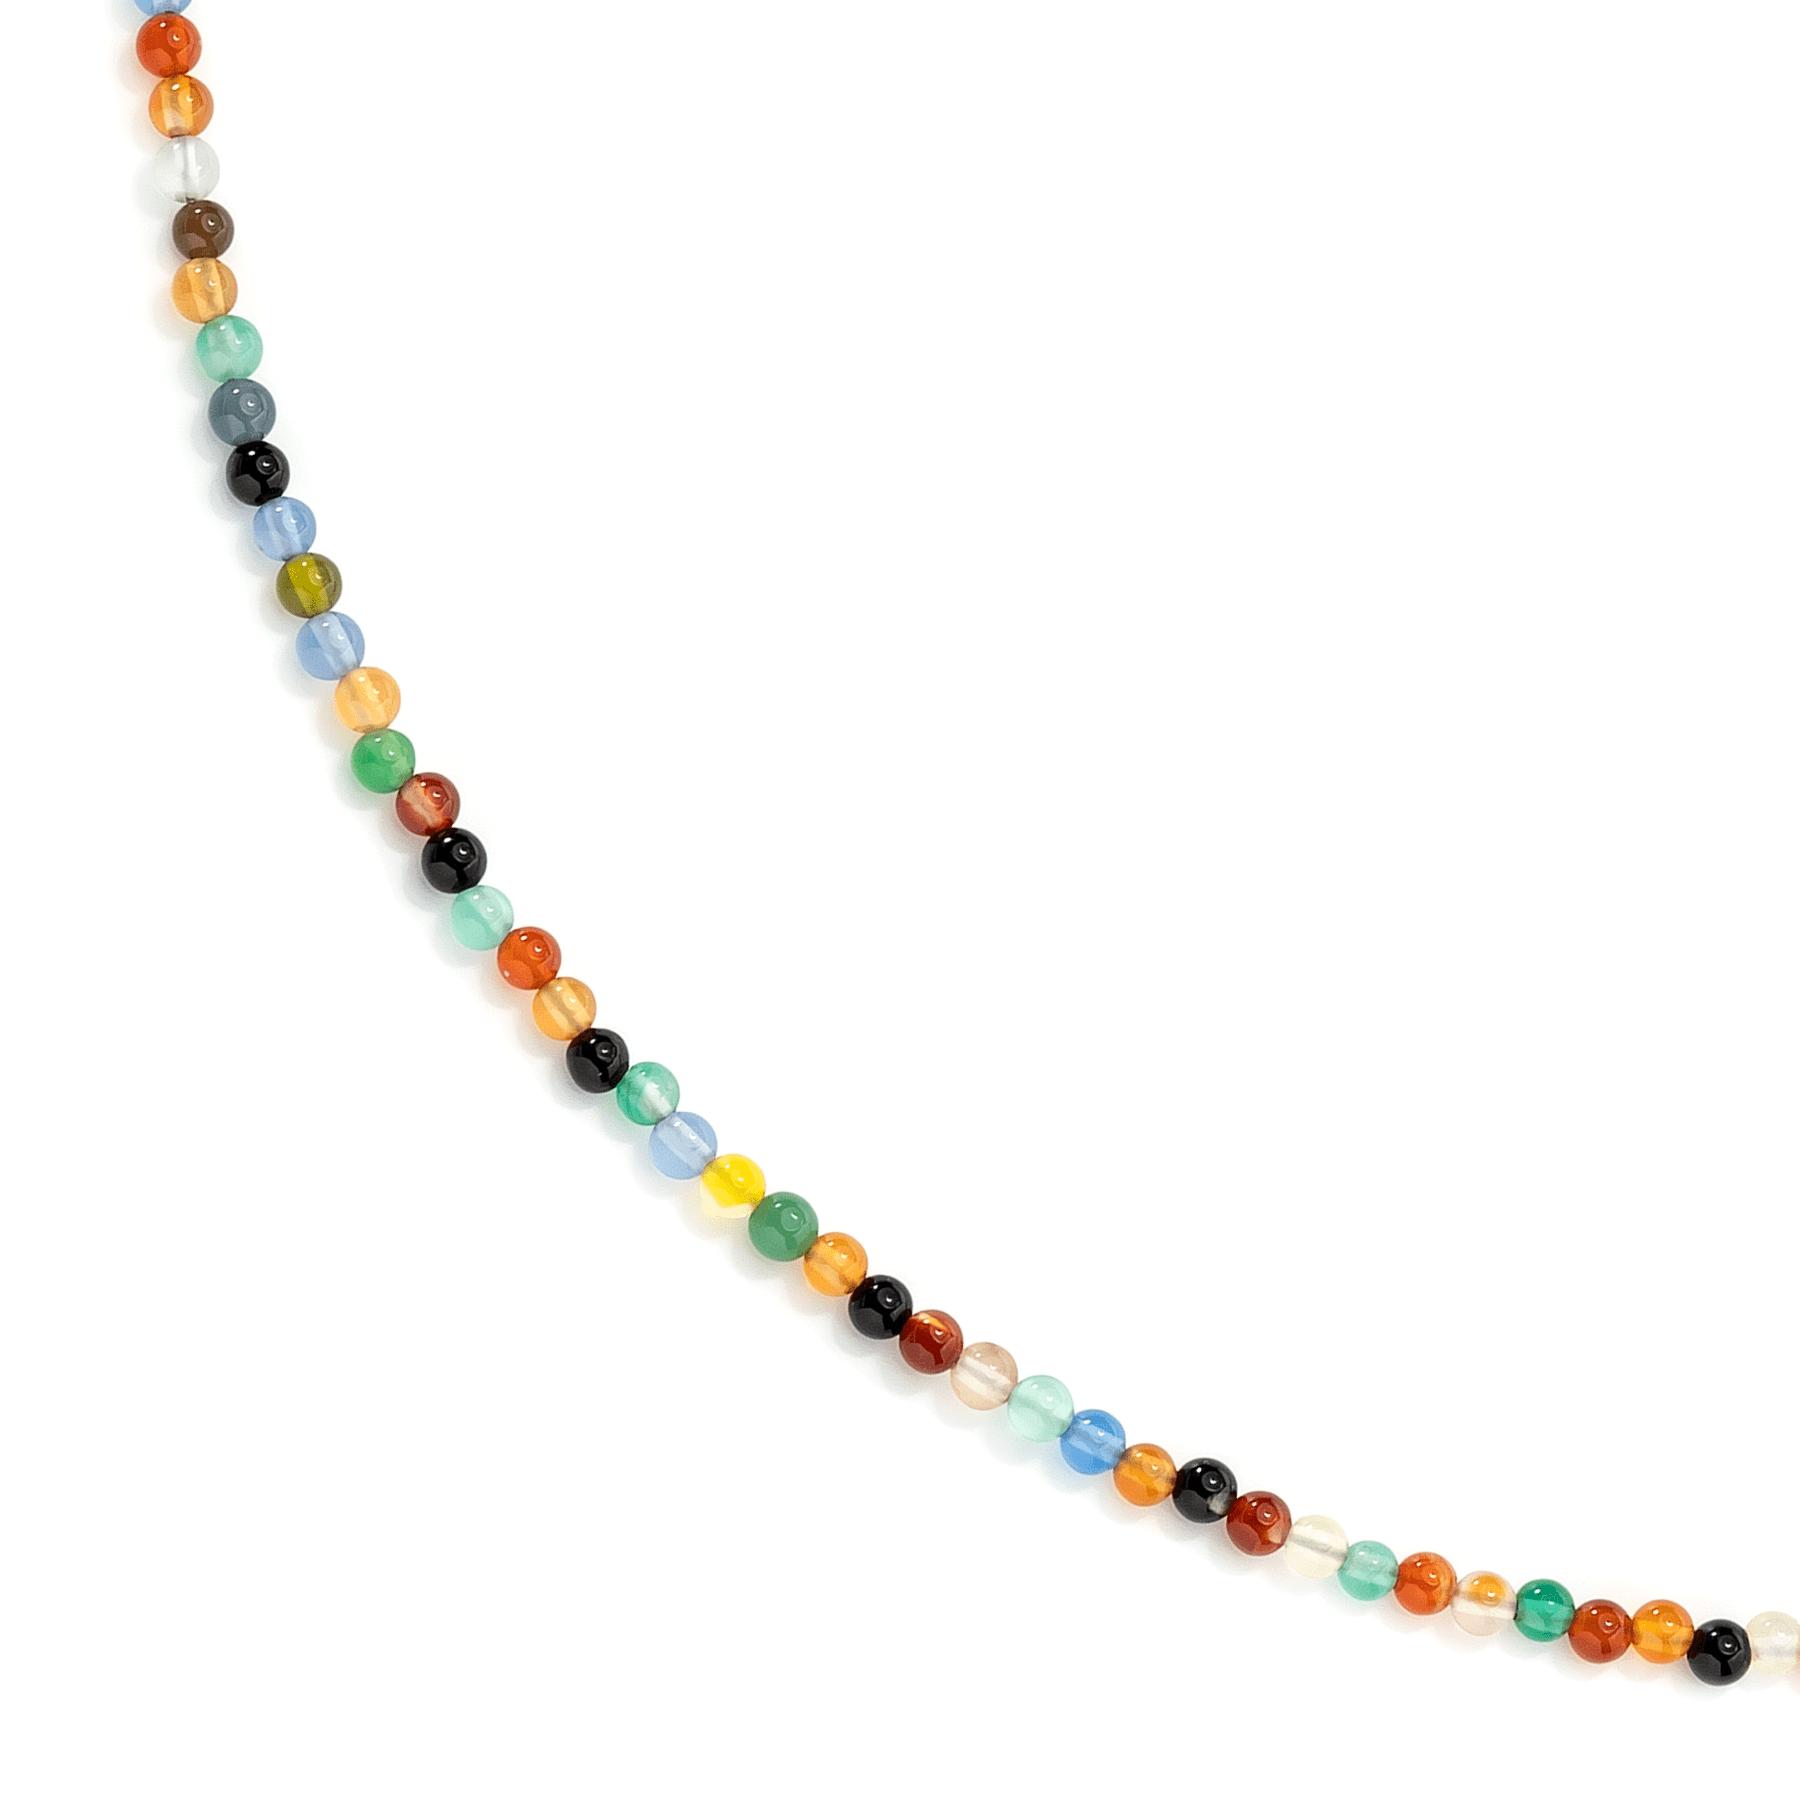 Kolorowe naszyjniki z kamieni naturalnych